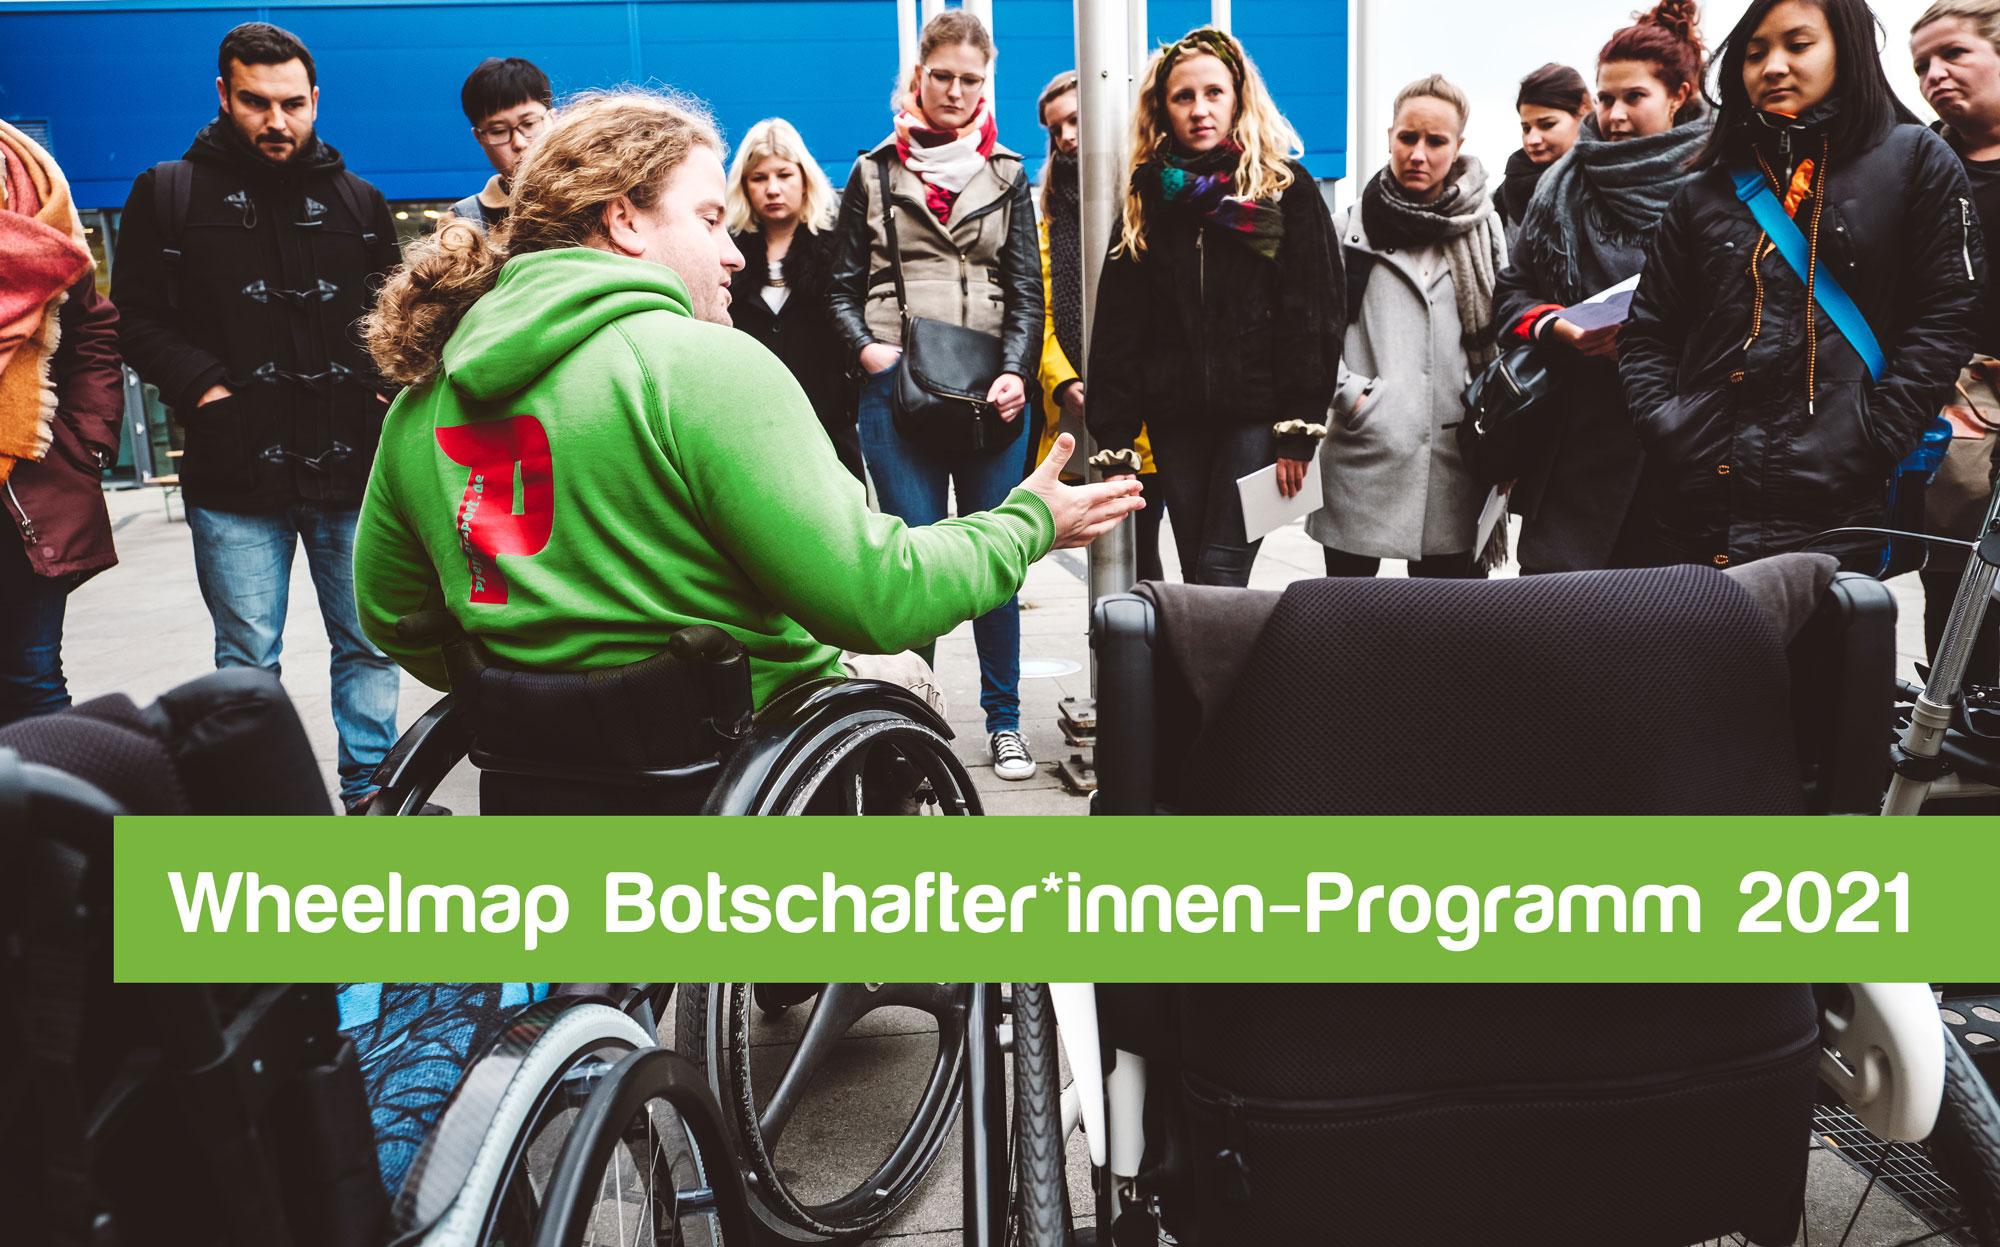 Ein junger Mann im Rollstuhl erklärt umstehenden Personen etwas. Text: Wheelmap Botschafter*innen-Programm 2021